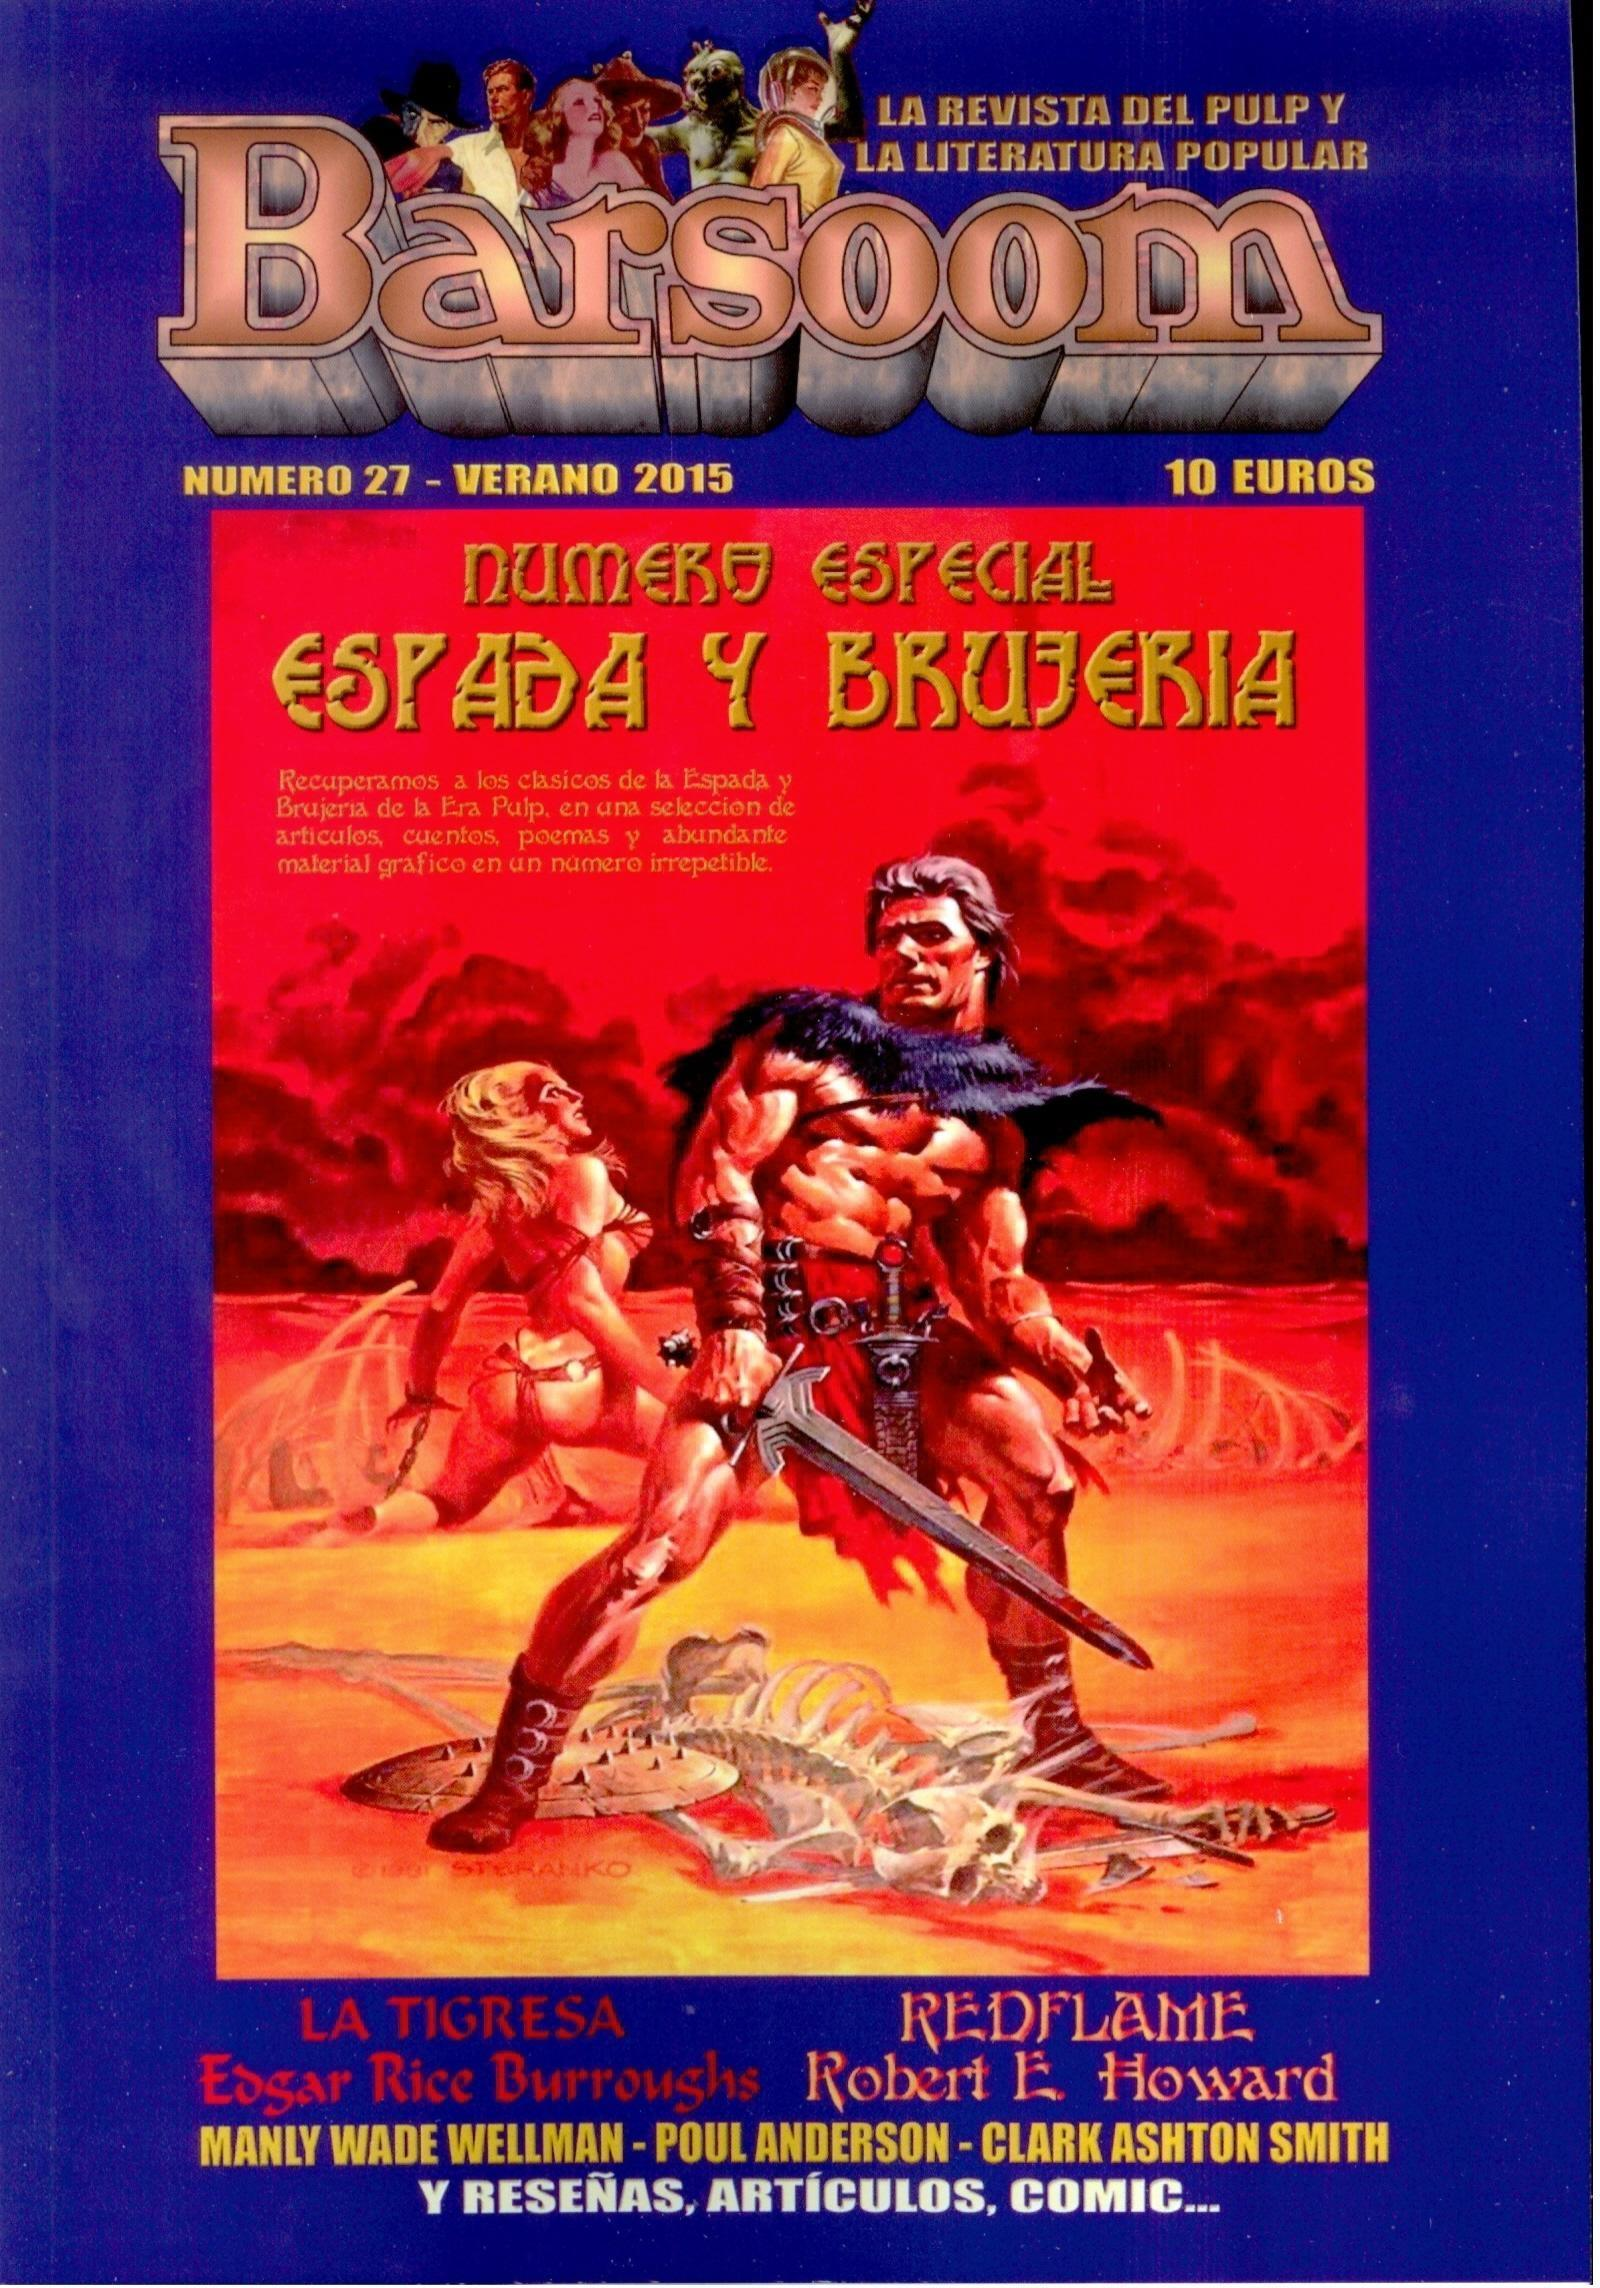 Barsoom vol. 27: Especial Espada y Brujería  by  Barsoom